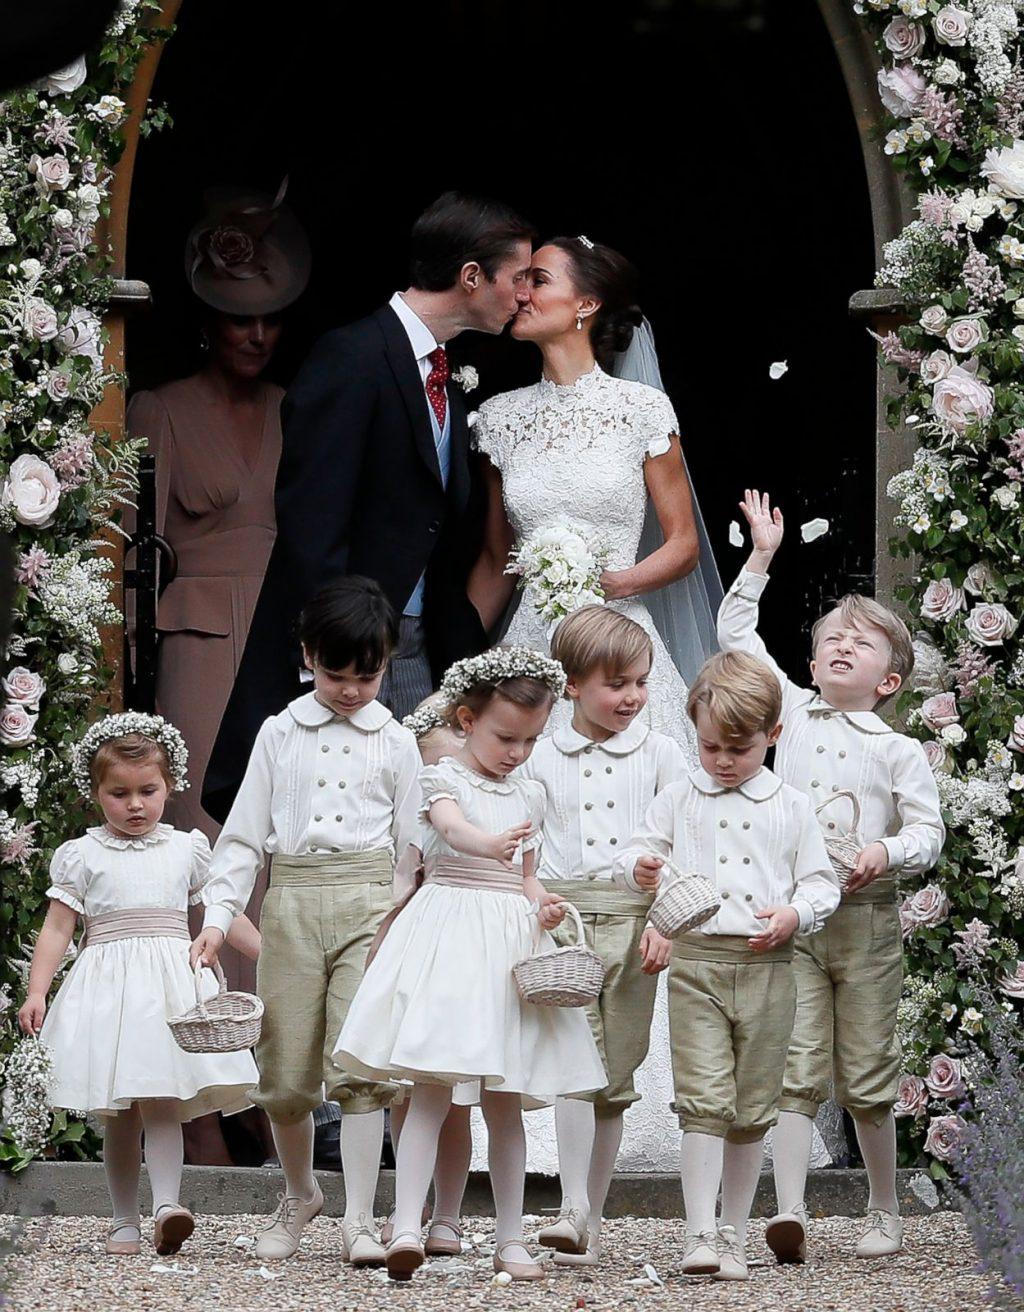 Toàn cảnh hôn lễ của em gái Công nương Middleton - 08